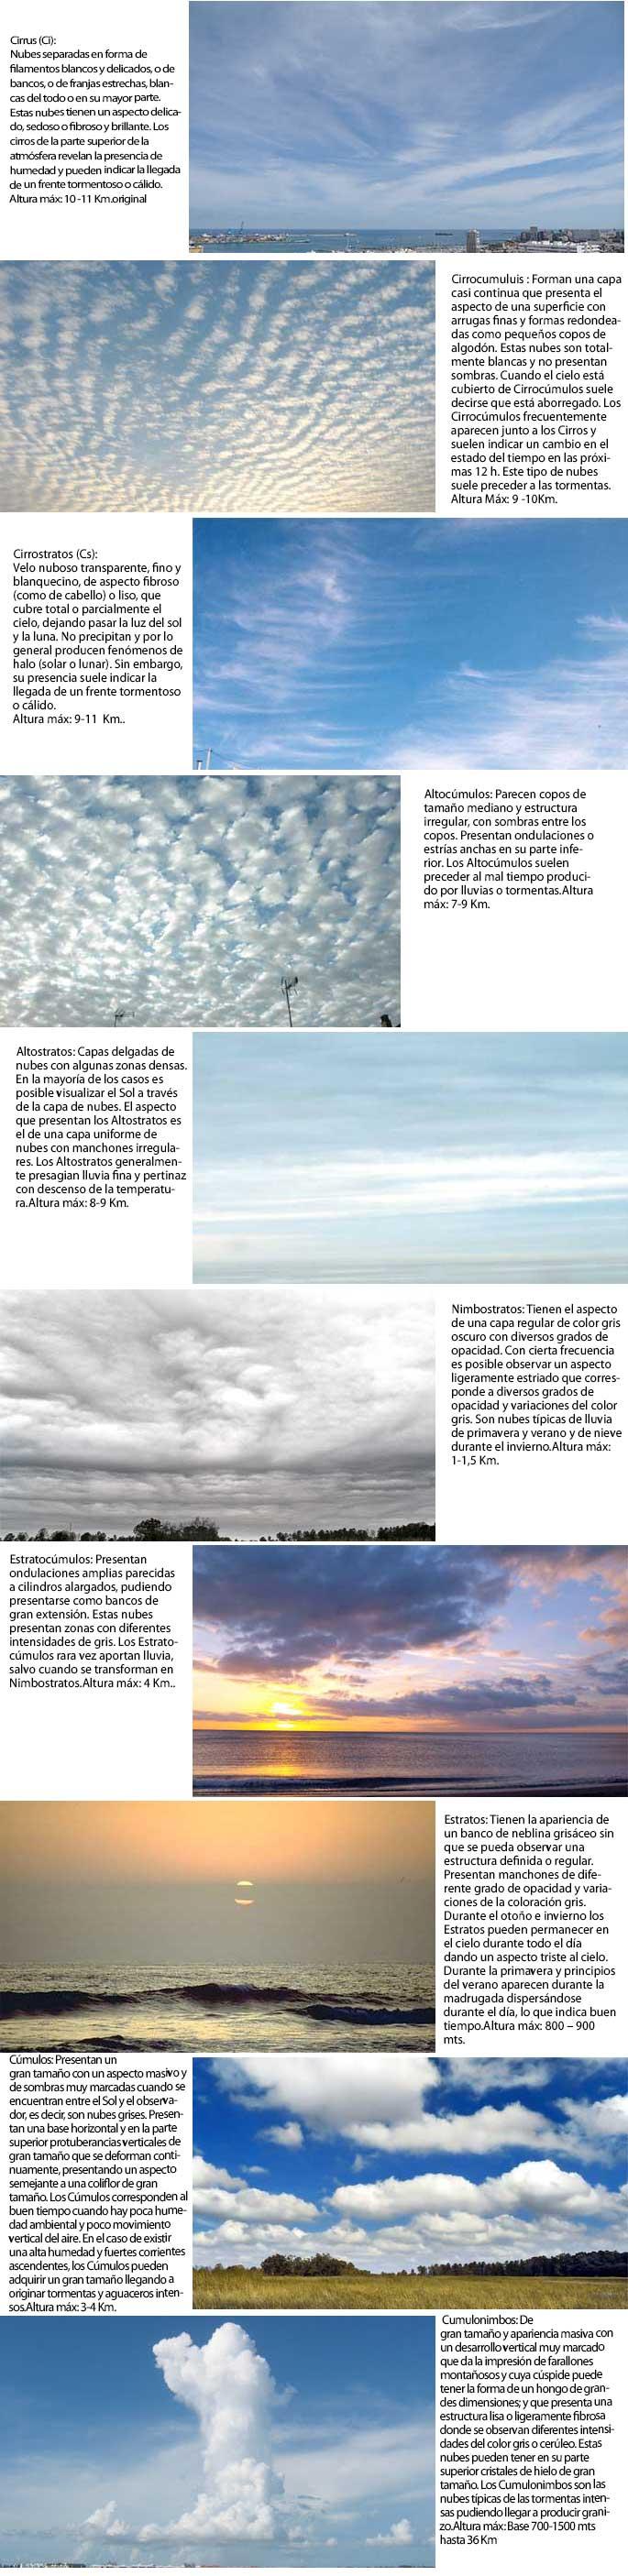 Aspecto De Las Nubes Clasificación De Las Nubes Por Forma Y Altura Meteorología Apuntes Náuticos Portada Masmar